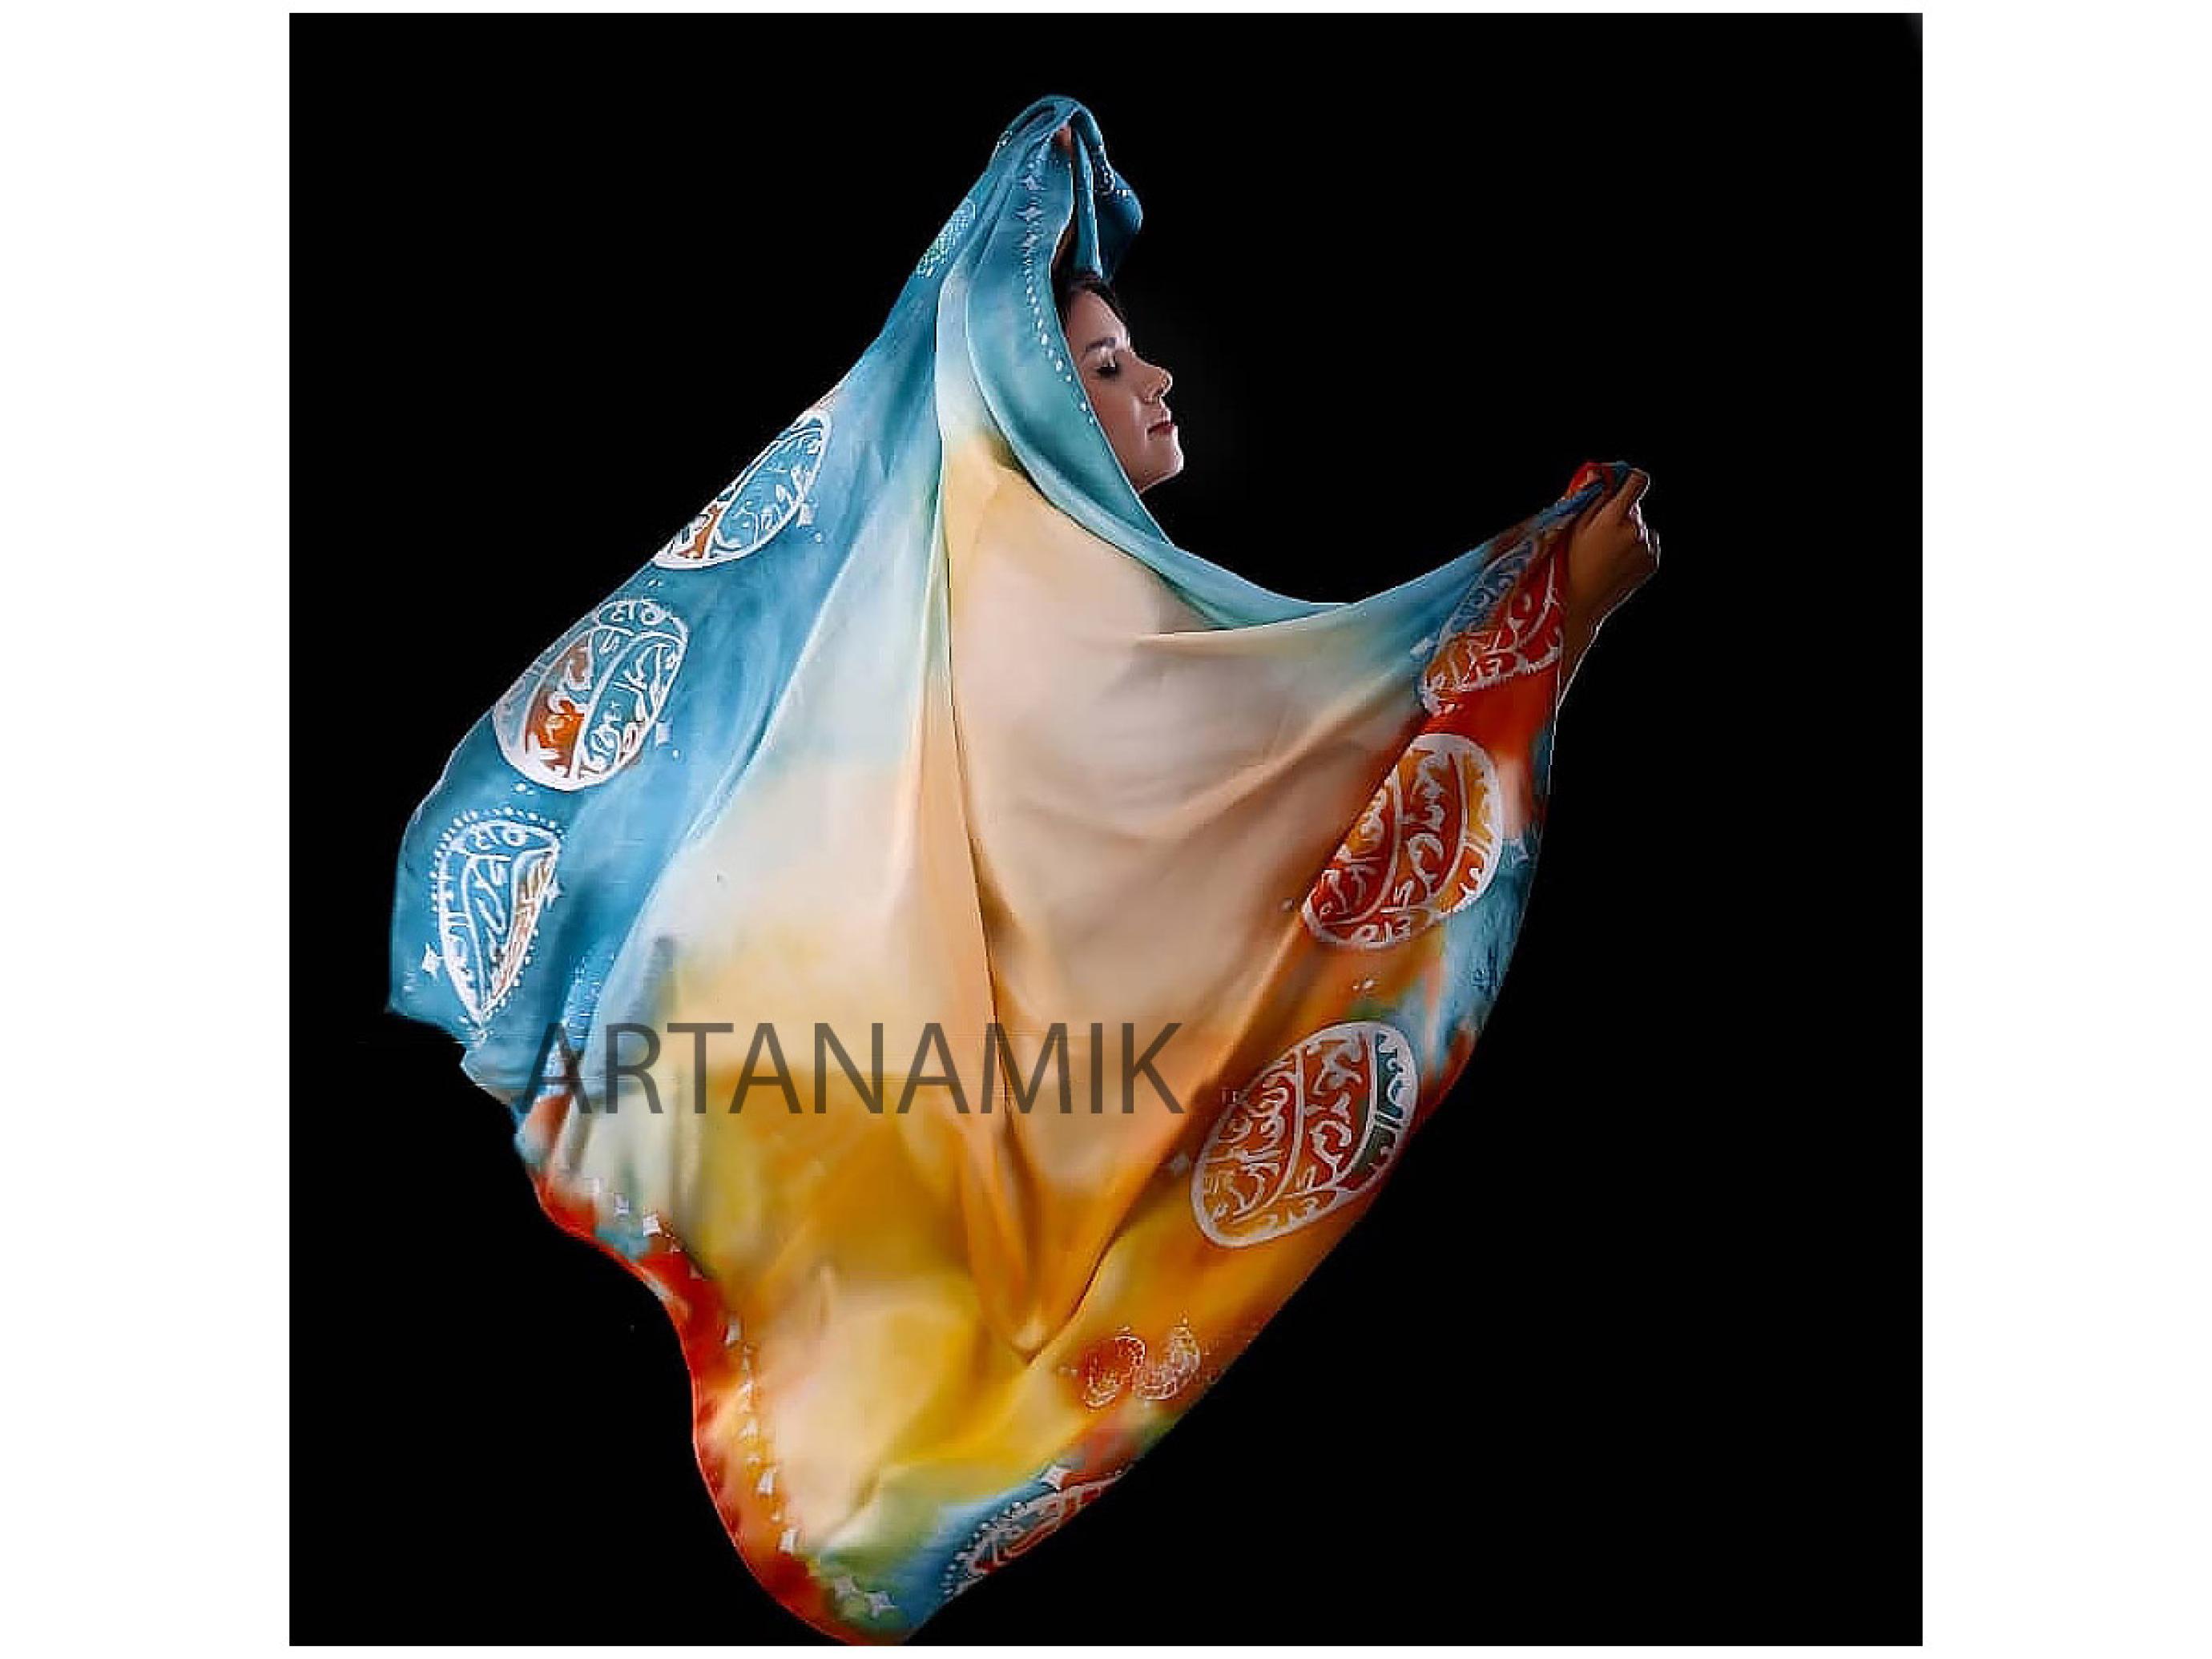 روسری ابریشم طبیعی با هنر چاپ باتیک